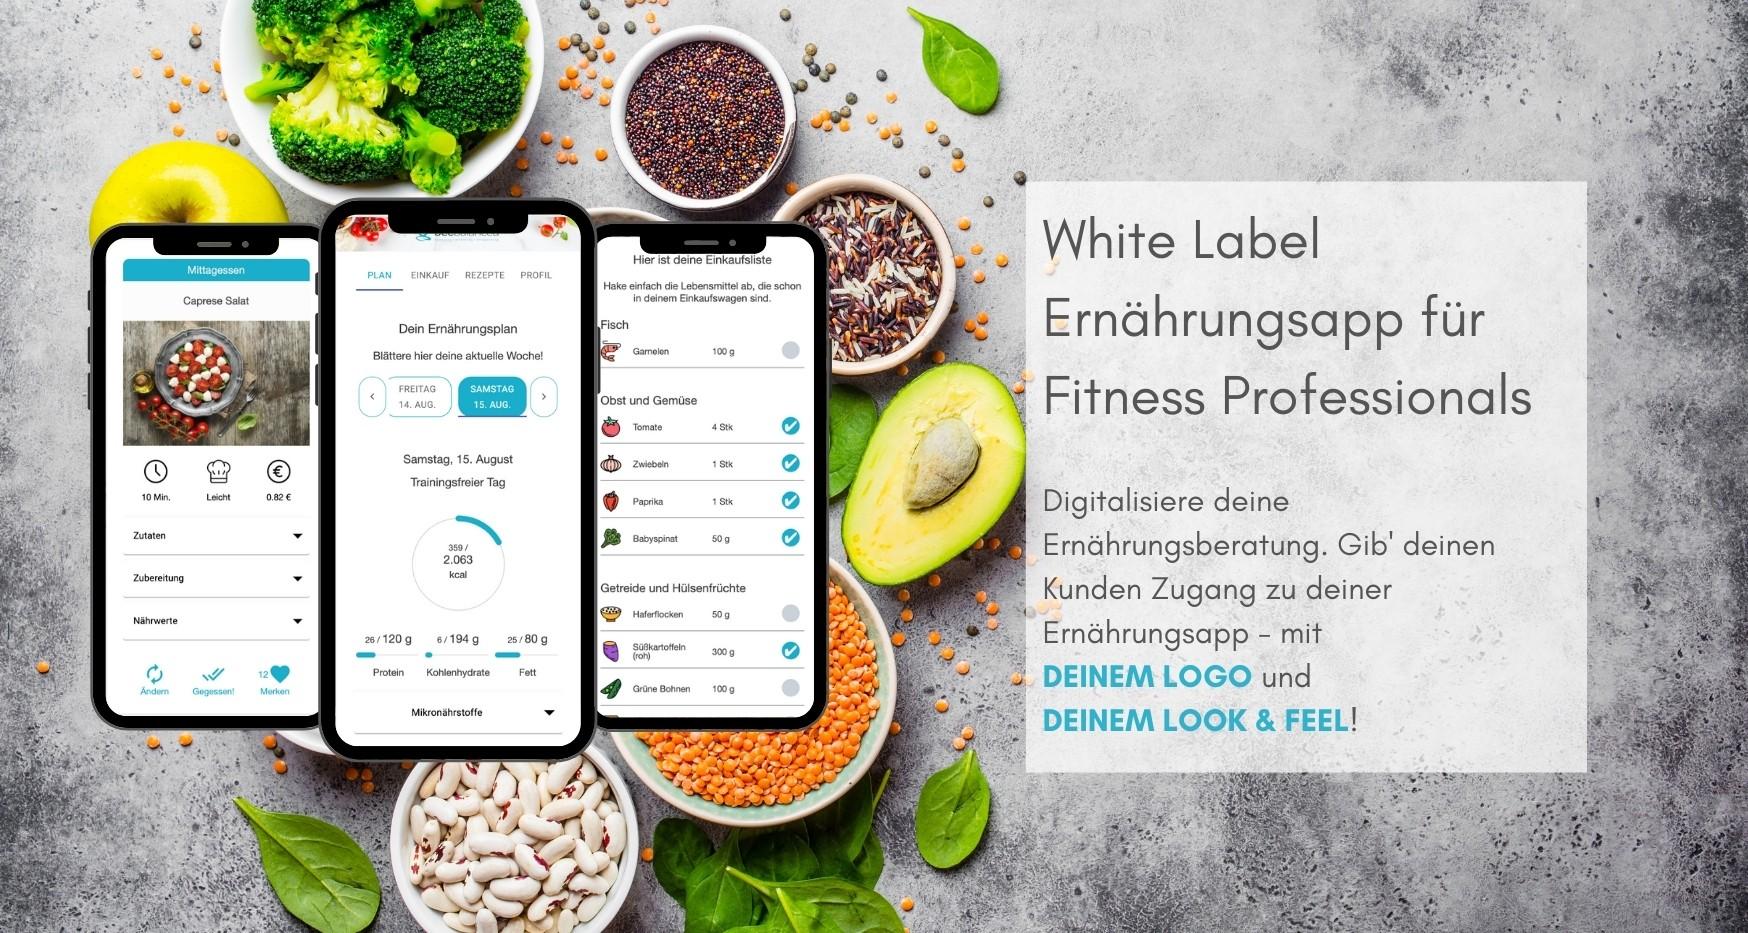 Software für Online Ernährungsberatung - White Label Ernährungsapp für Fitness Professionals wie Personal Trainer, Ernährungsberater, Fitnessstudios